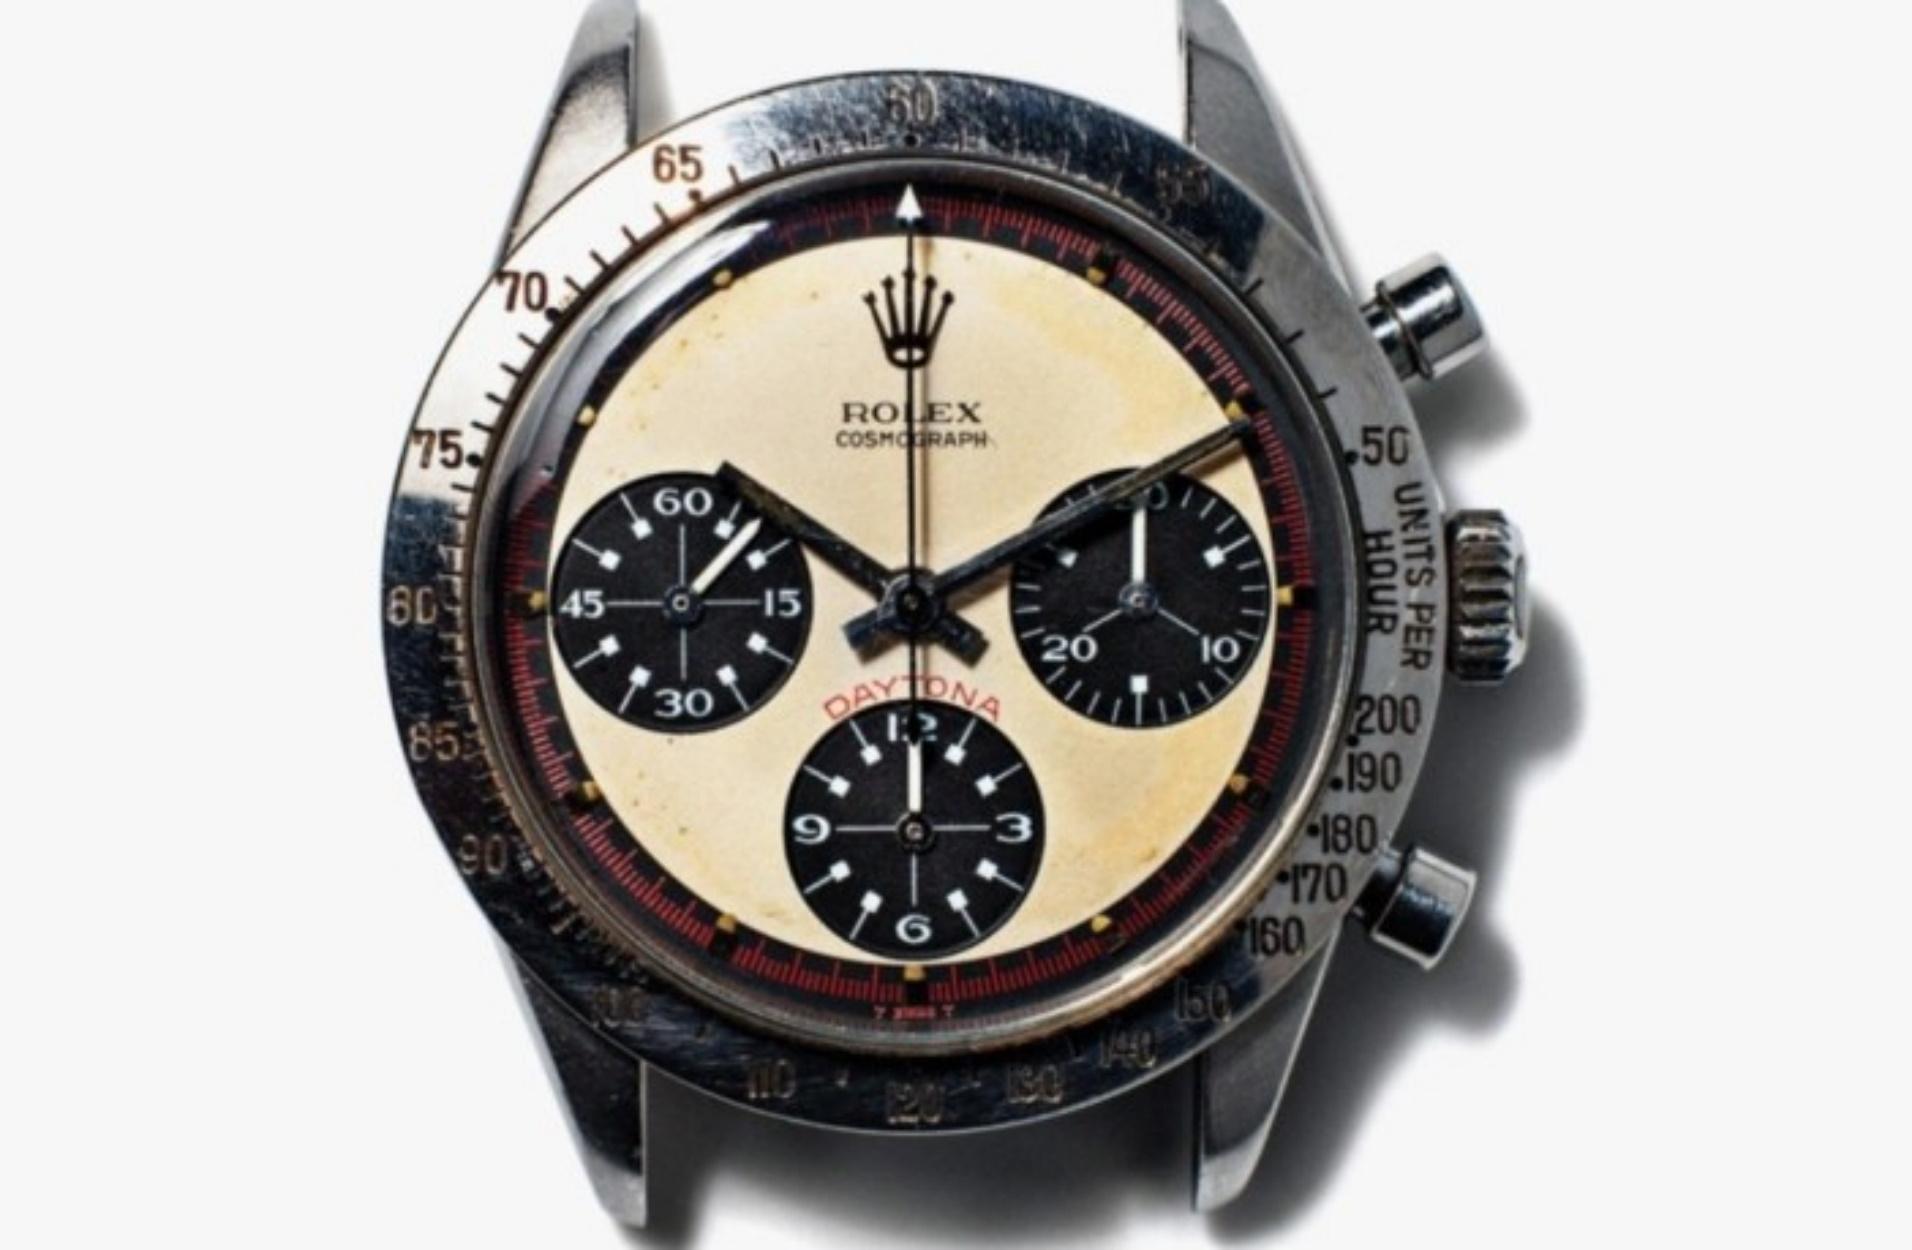 Δείτε τι πρέπει να αποφύγετε αν θέλετε το ρολόι σας να παραμείνει σε άψογη κατάσταση